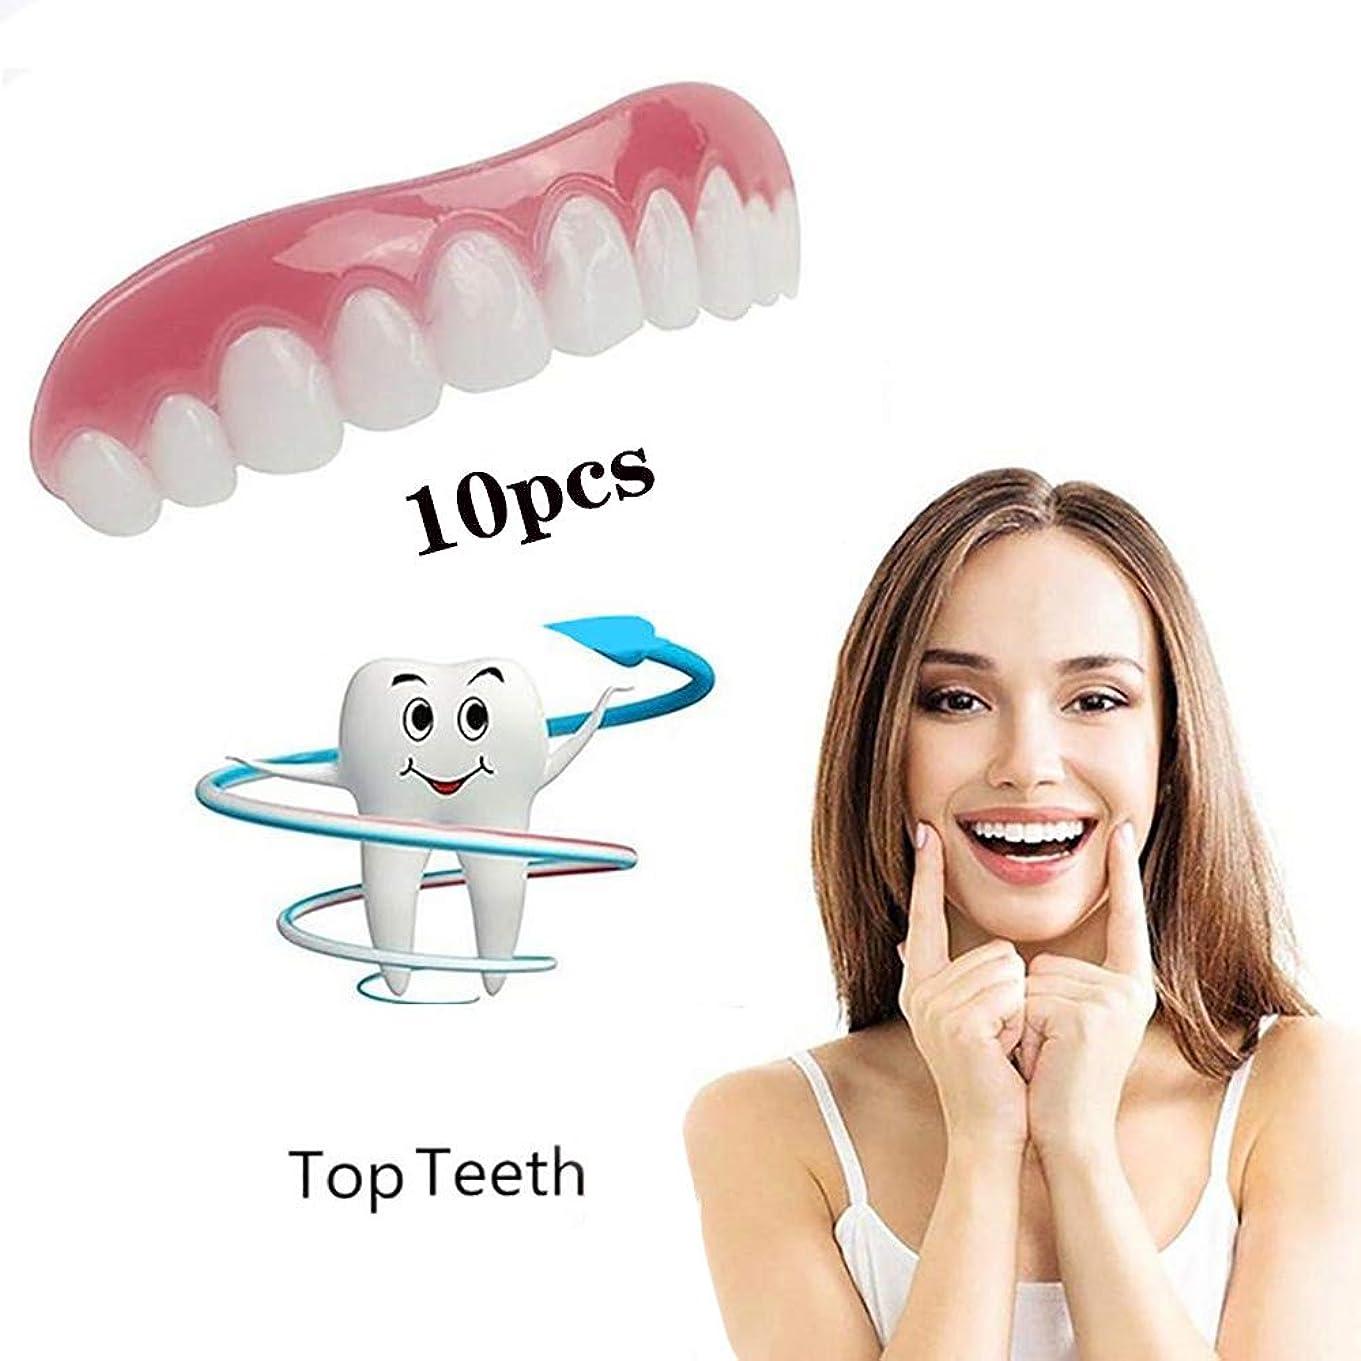 シミュレートする余分な眼10個偽の歯アッパー偽の偽の歯カバースナップオン即時の歯の化粧品義歯のケアオーラルケアシリコーンホワイトニング義歯